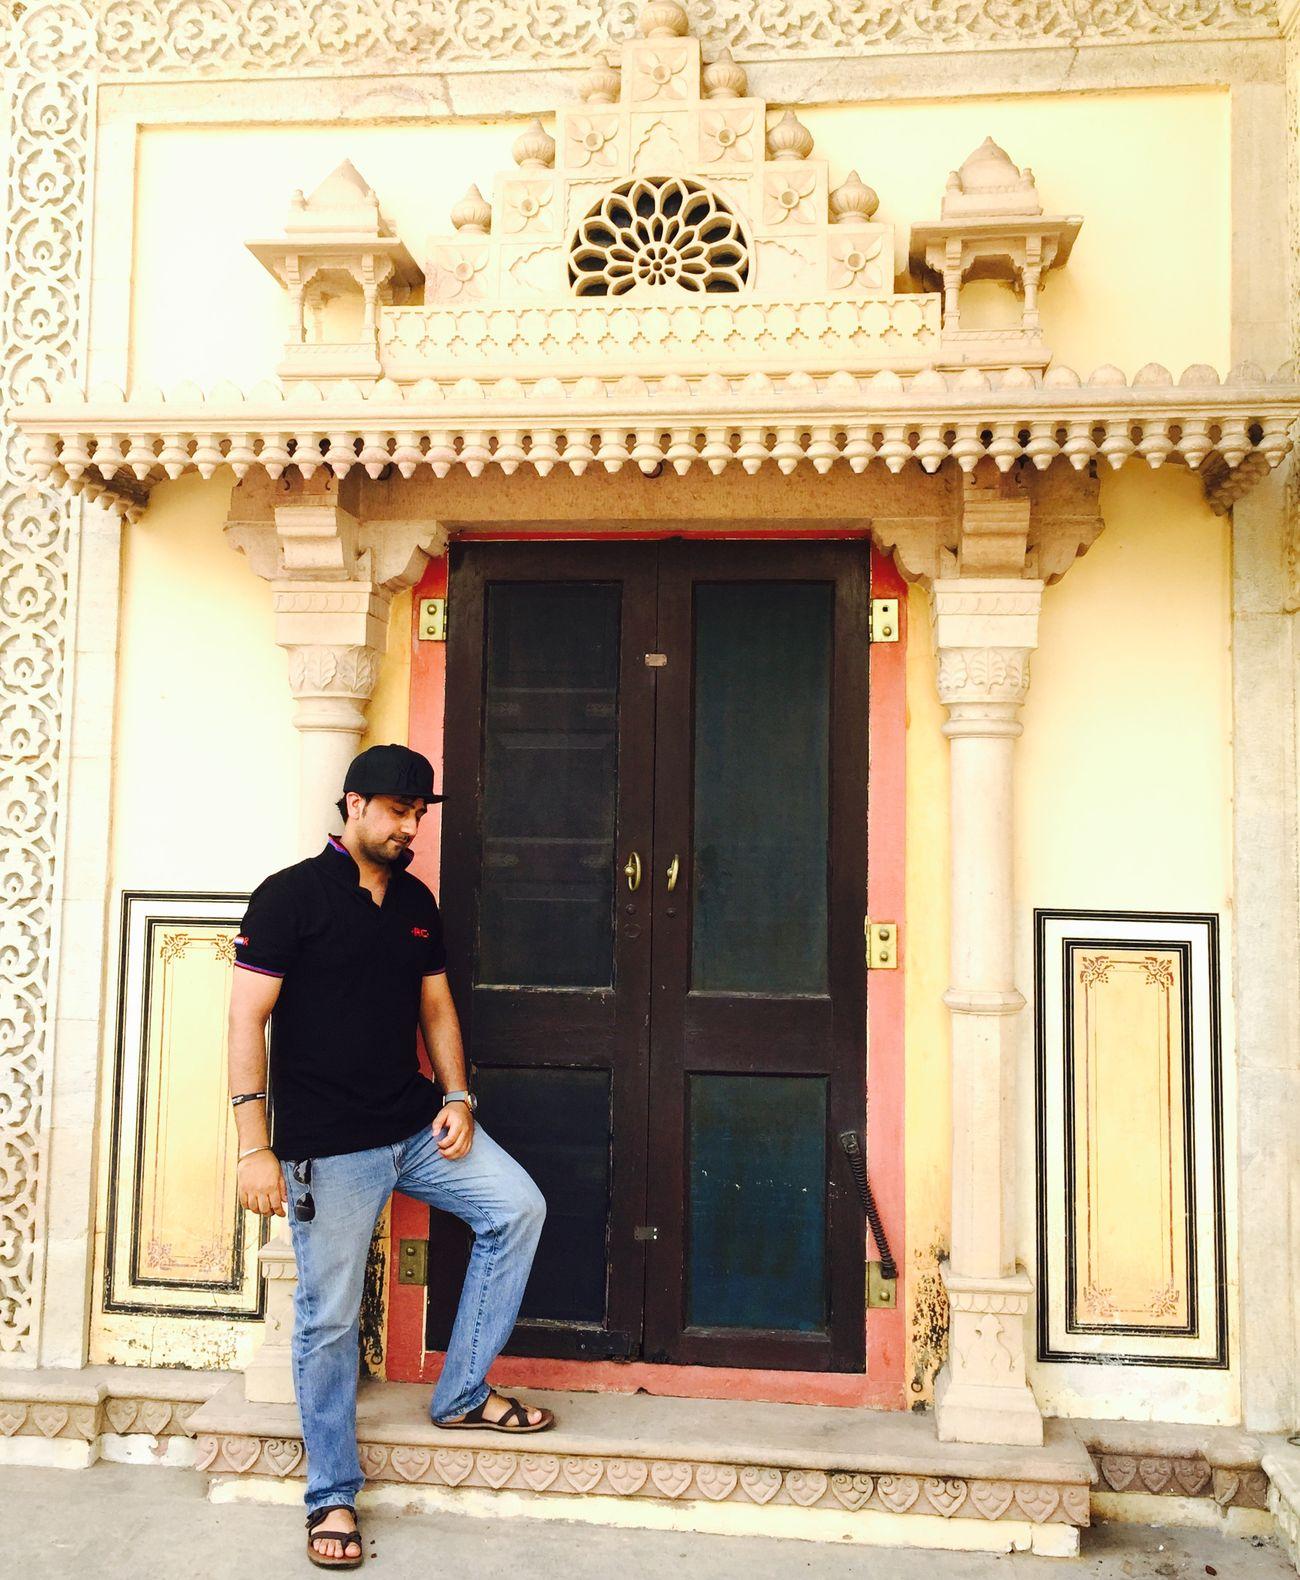 #citypalace #jaipur #rajasthan